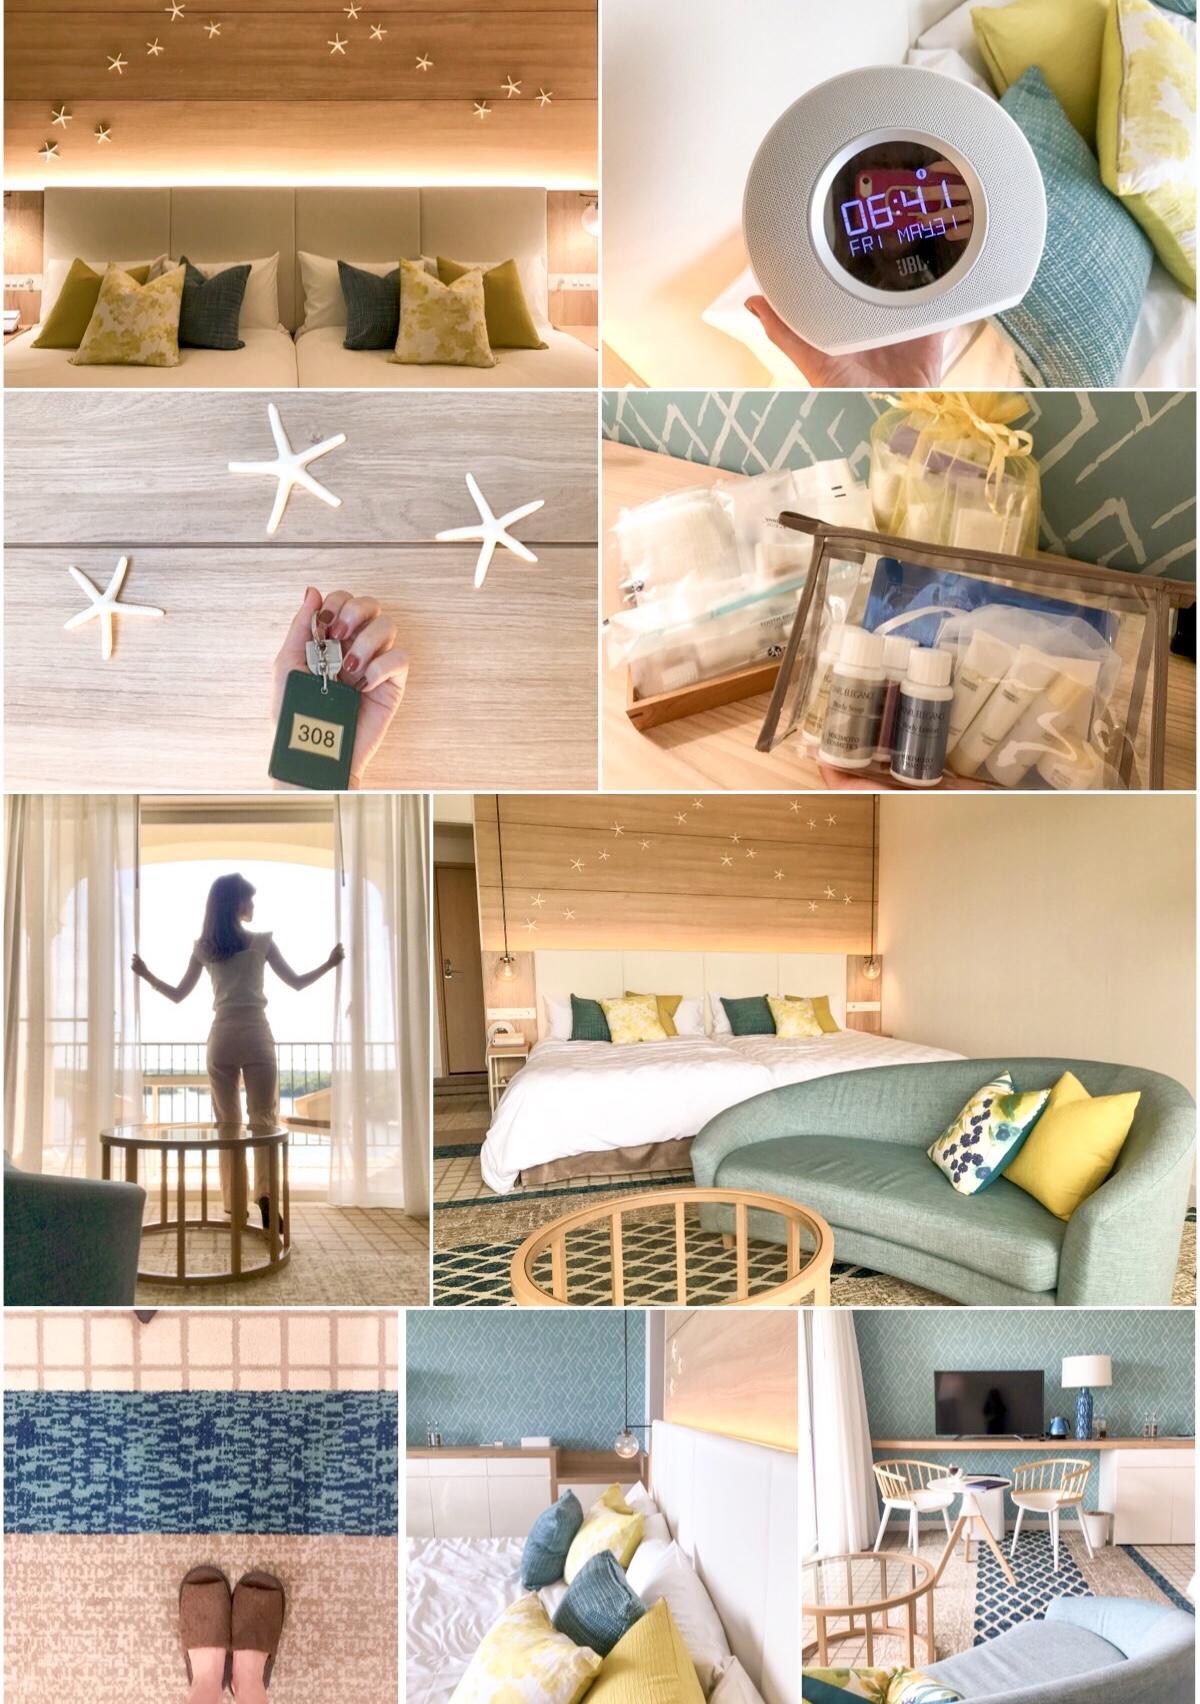 三重のおしゃれホテル『都リゾート 志摩 ベイサイドテラス』にステイ! ナイトプールや絶品料理、充実のアメニティにうっとり♡_5